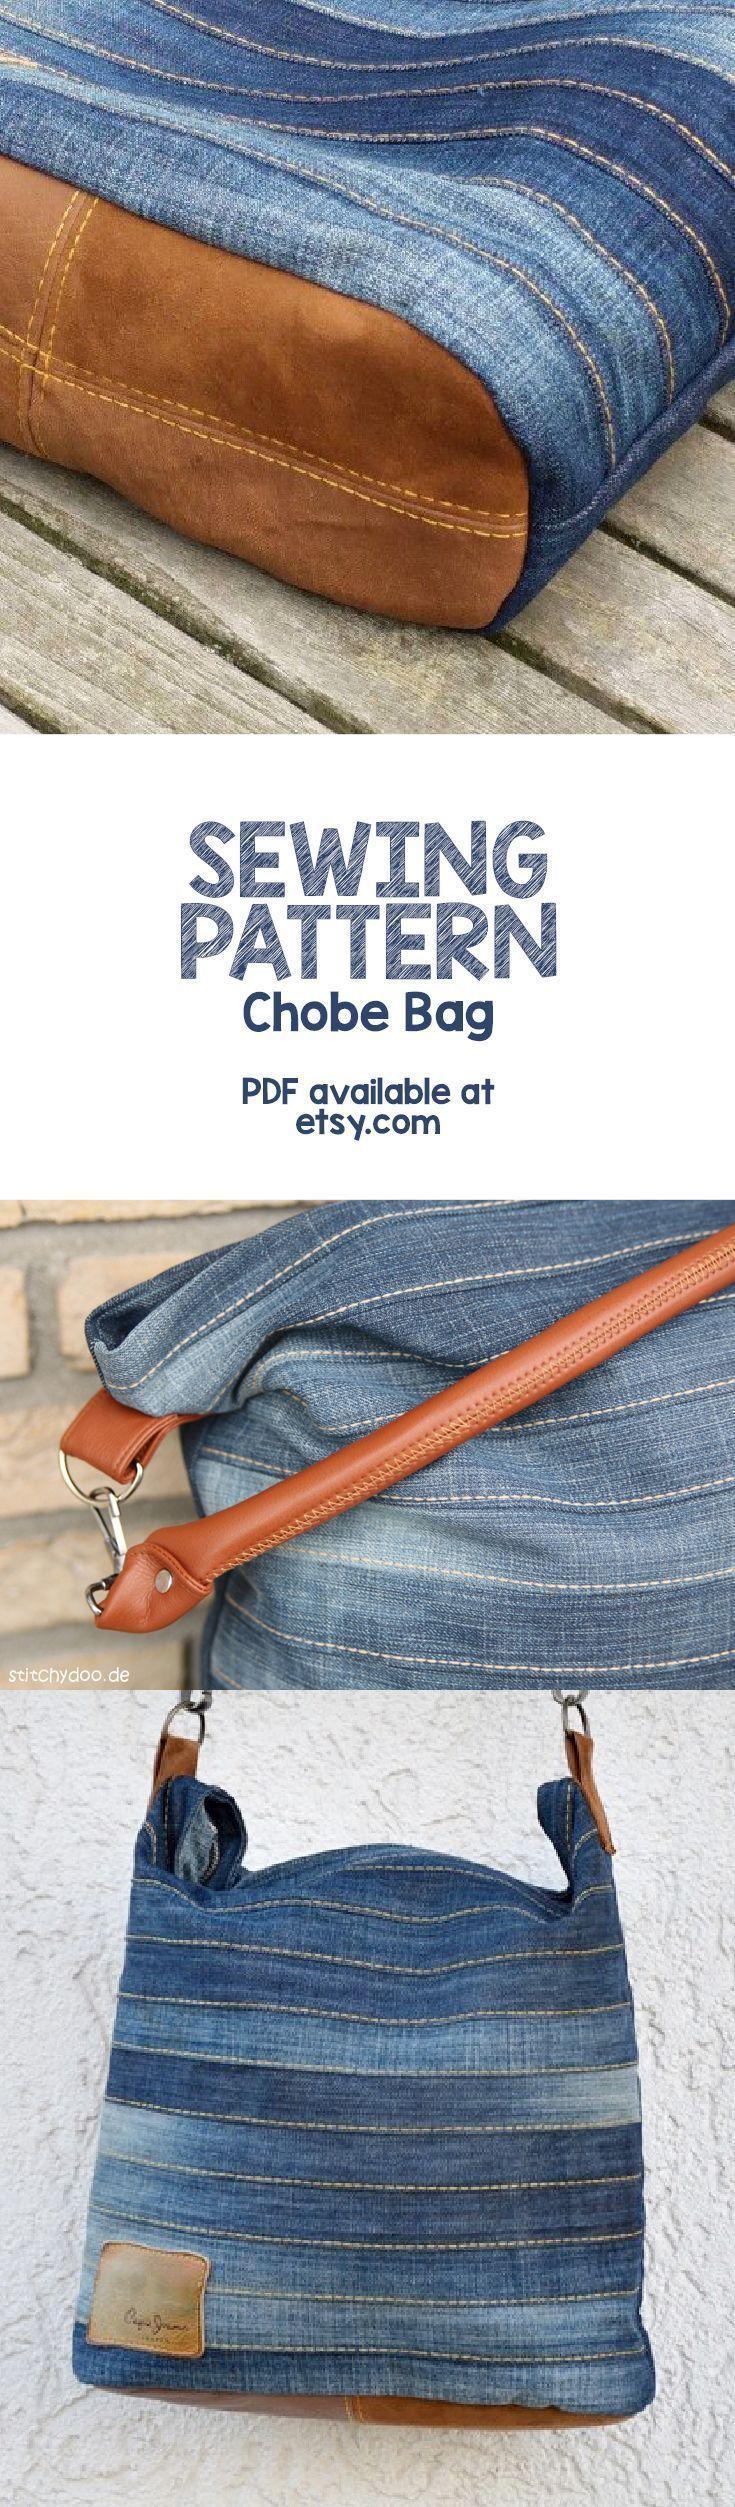 45 Free Printable Sewing Patterns | Pinterest | Taschen nähen ...